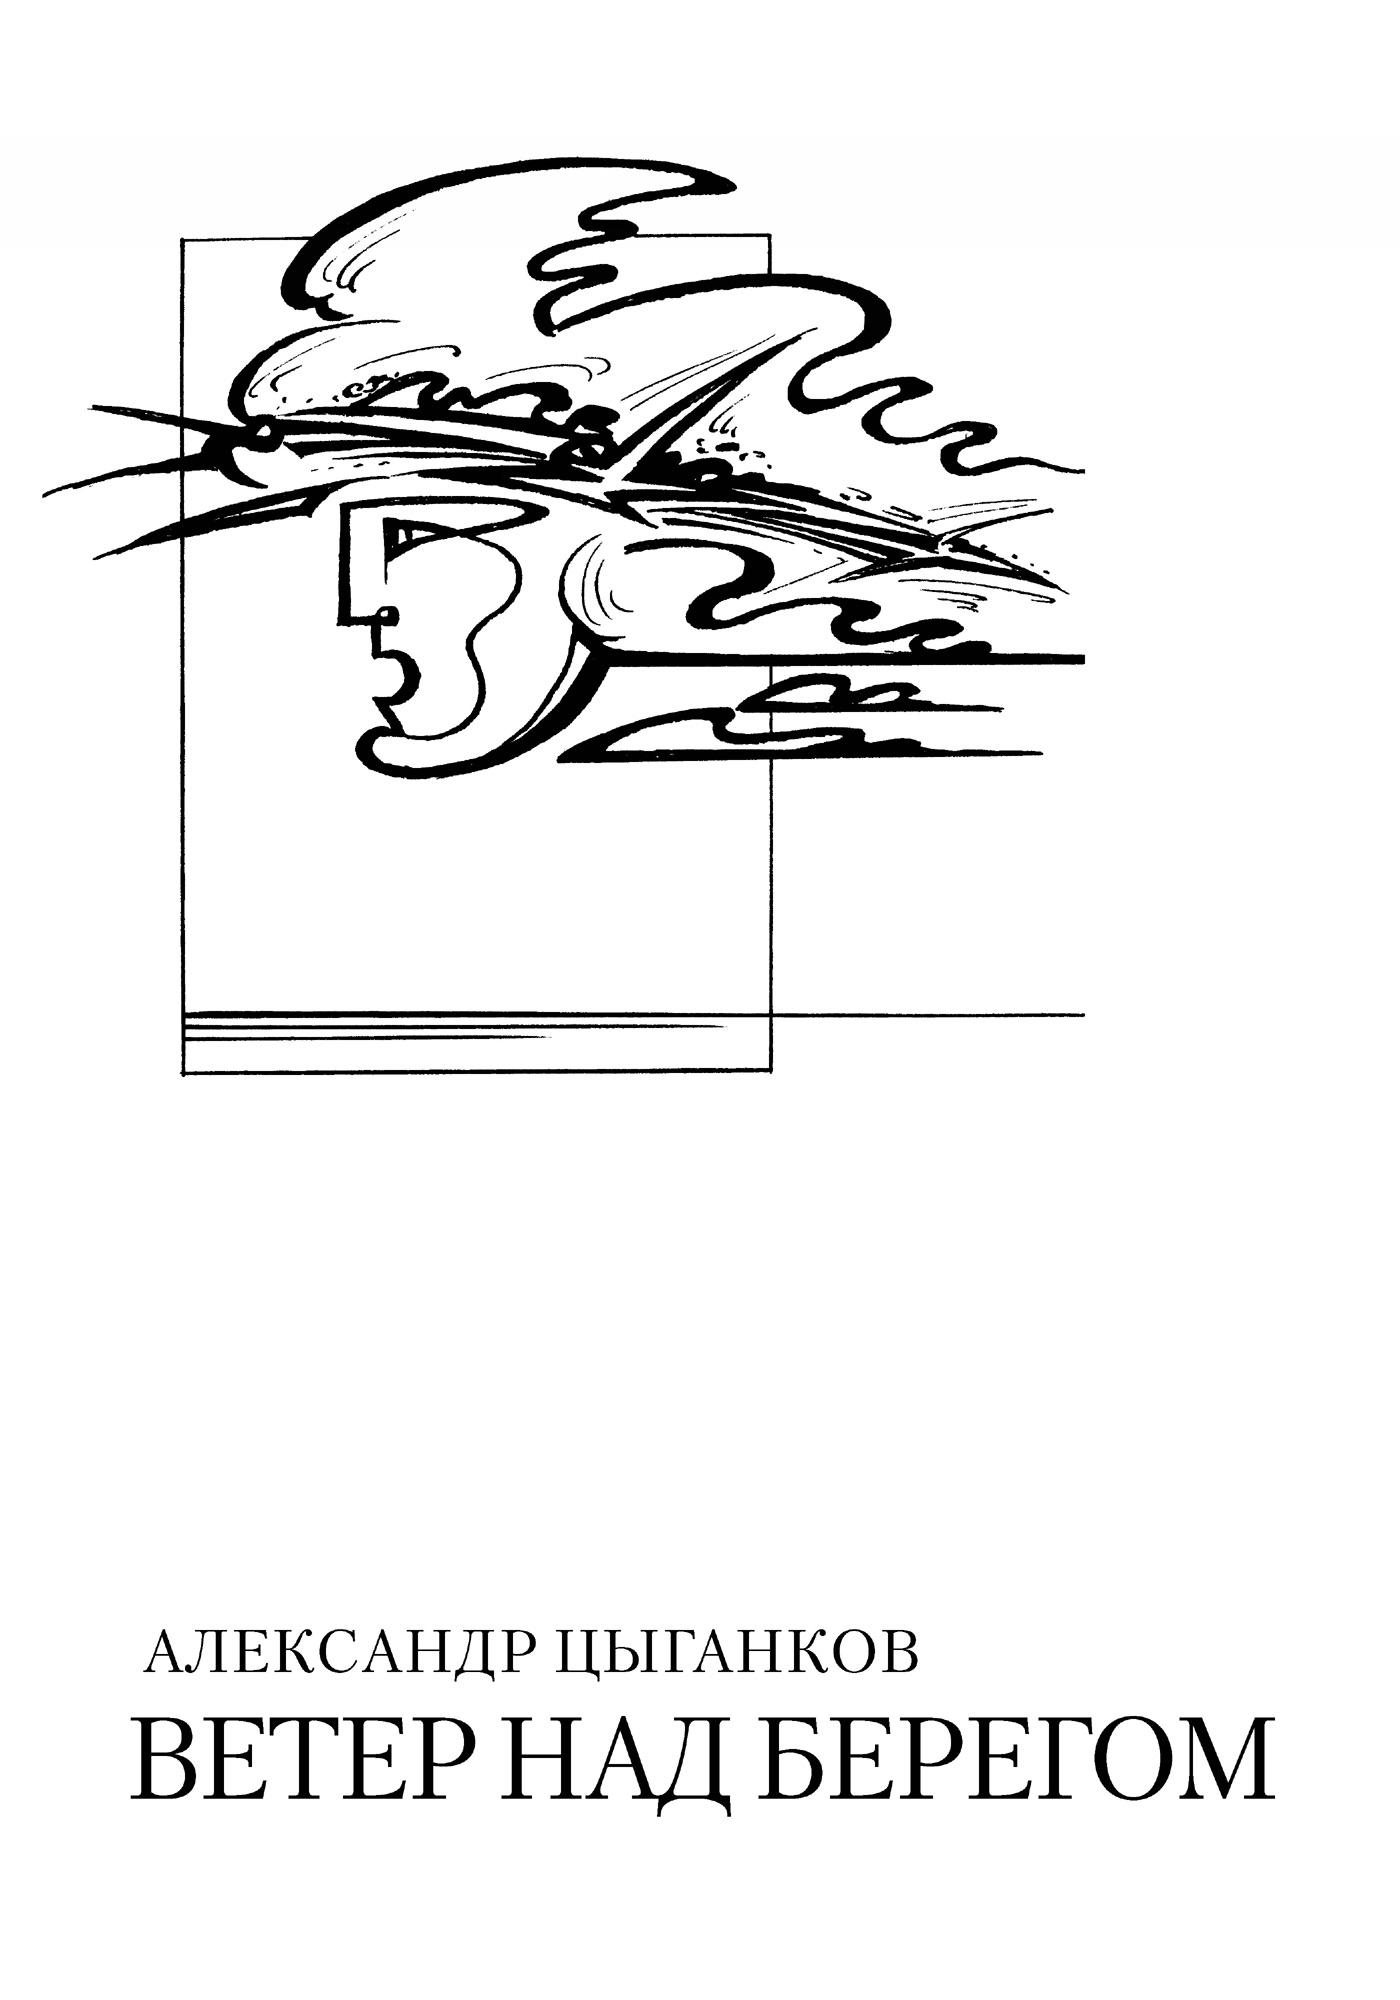 Фото - Александр Цыганков Ветер над берегом: Вторая книга стихов казимирский роман велий ветер книга вторая